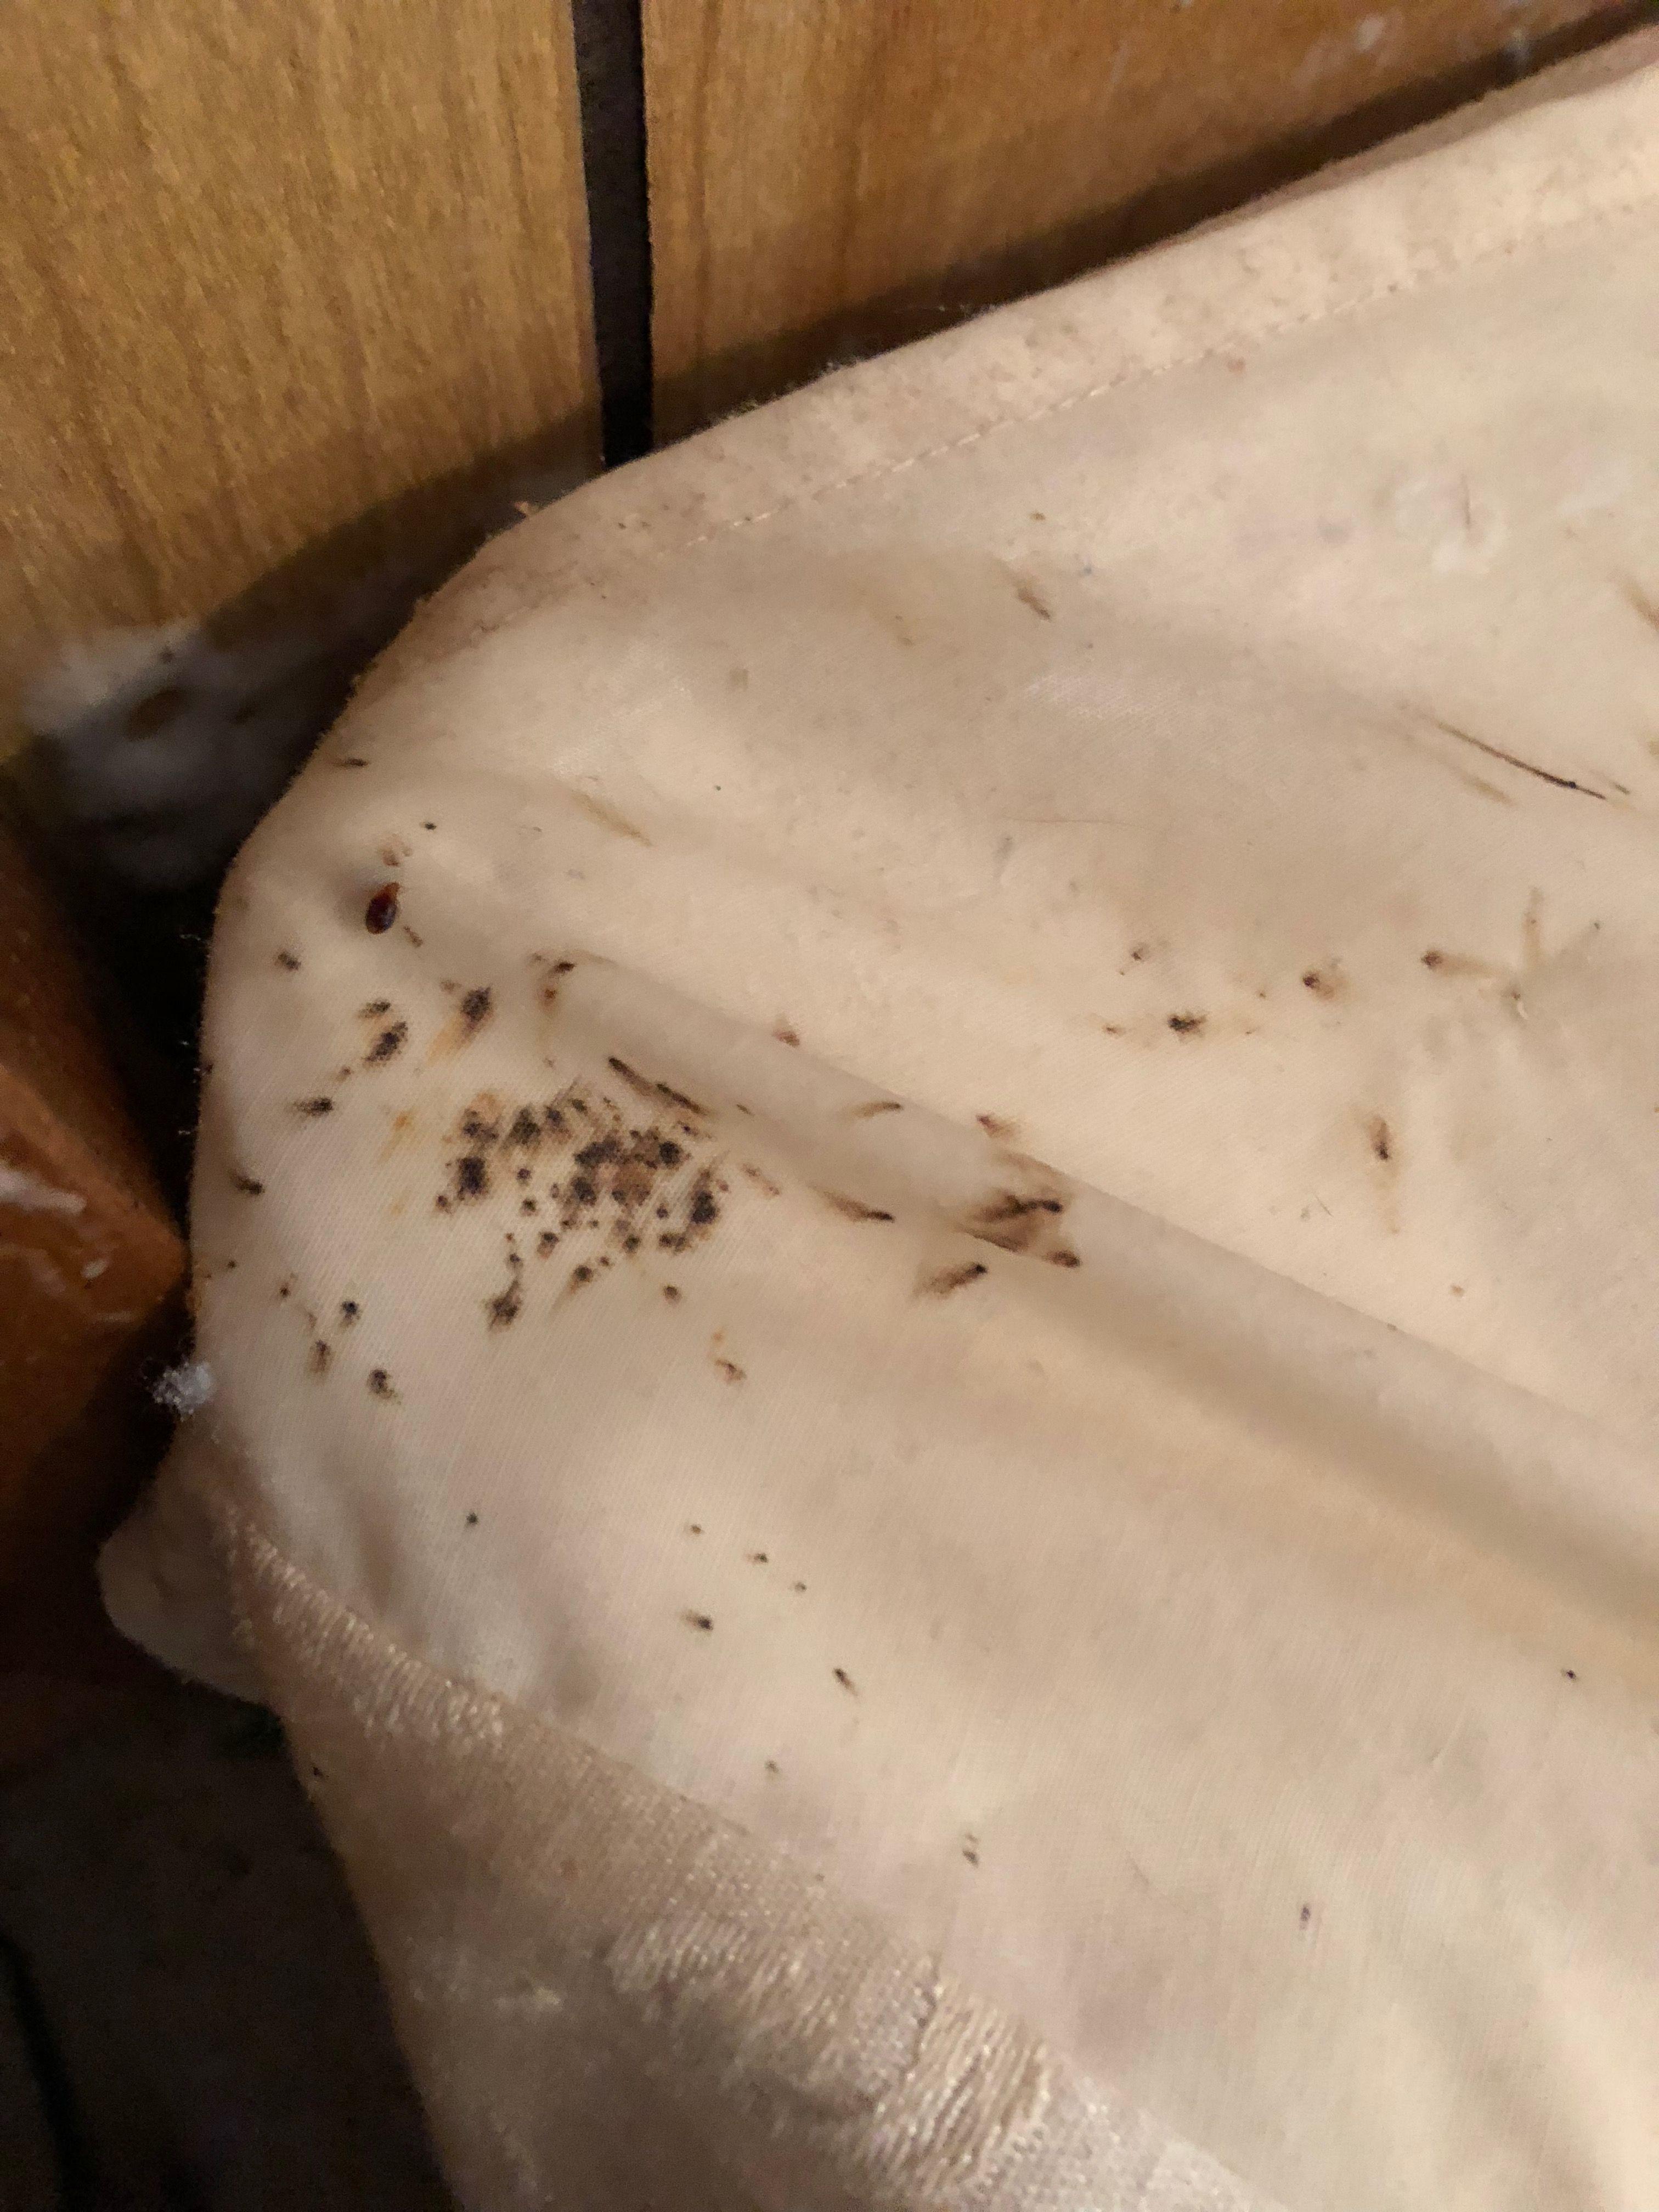 Pest Control, Exterminator, Extermination, Bug Control